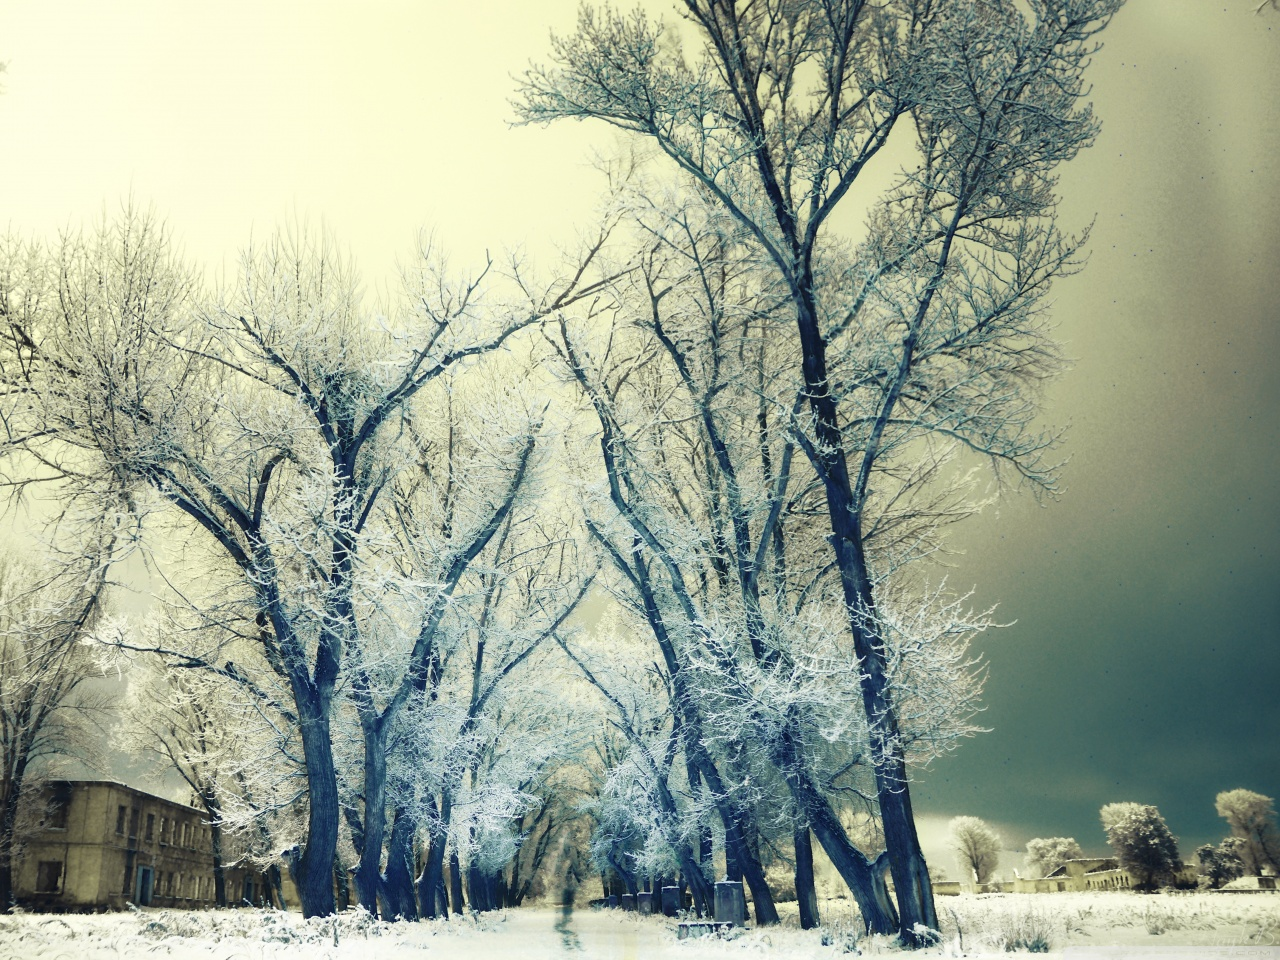 بالصور صور عن الشتاء , اروع صور للشتاء امطار و ثلوج 2933 13